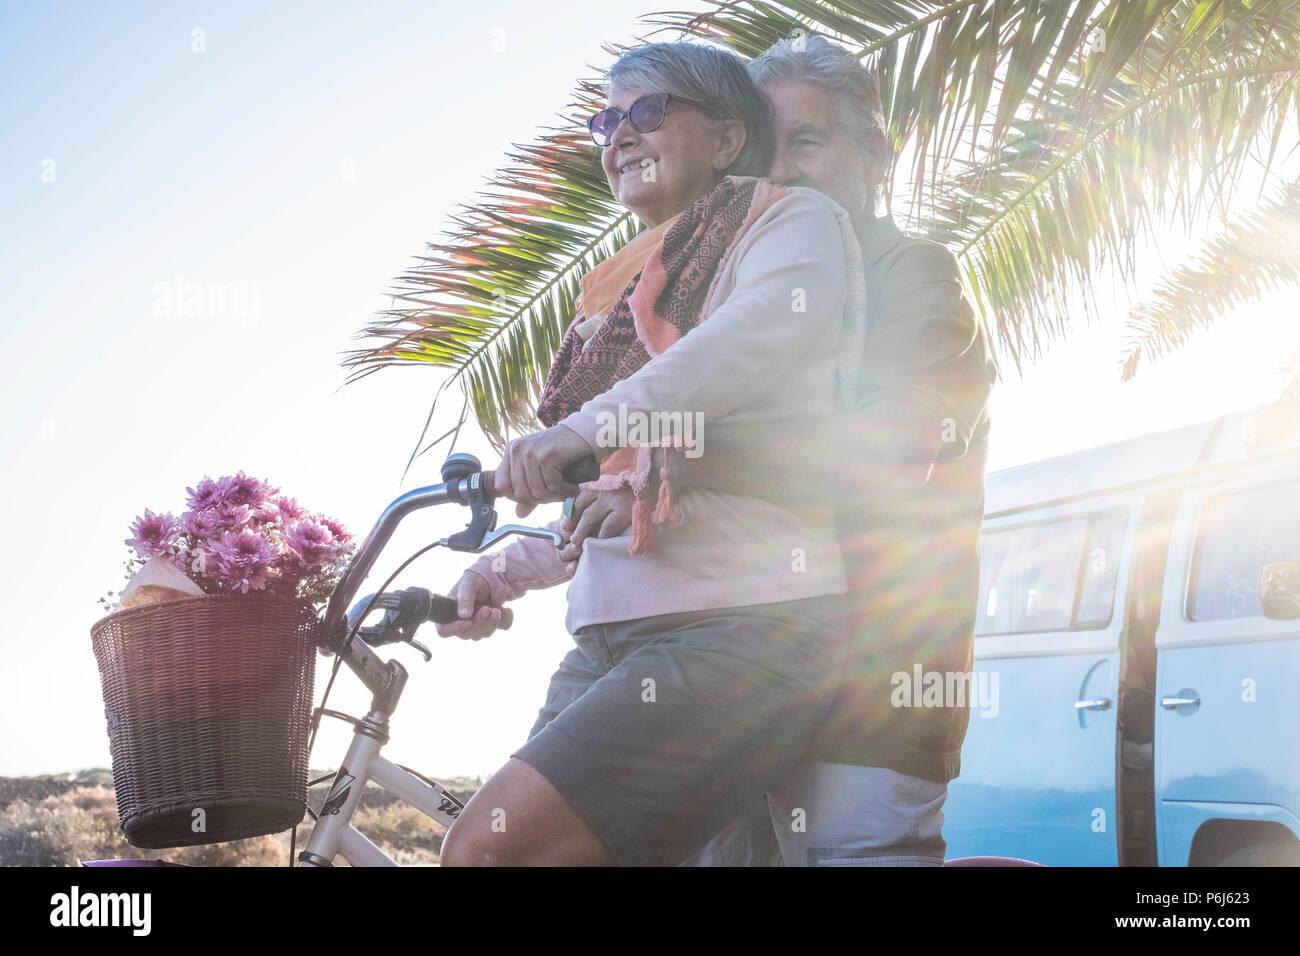 Personnes âgées senior caucasian couple jouer et apprécier l'activité de loisirs piscine de style de vacances. l'homme et la femme prend sa retraite aller sur un vélo vintage comme childre Photo Stock